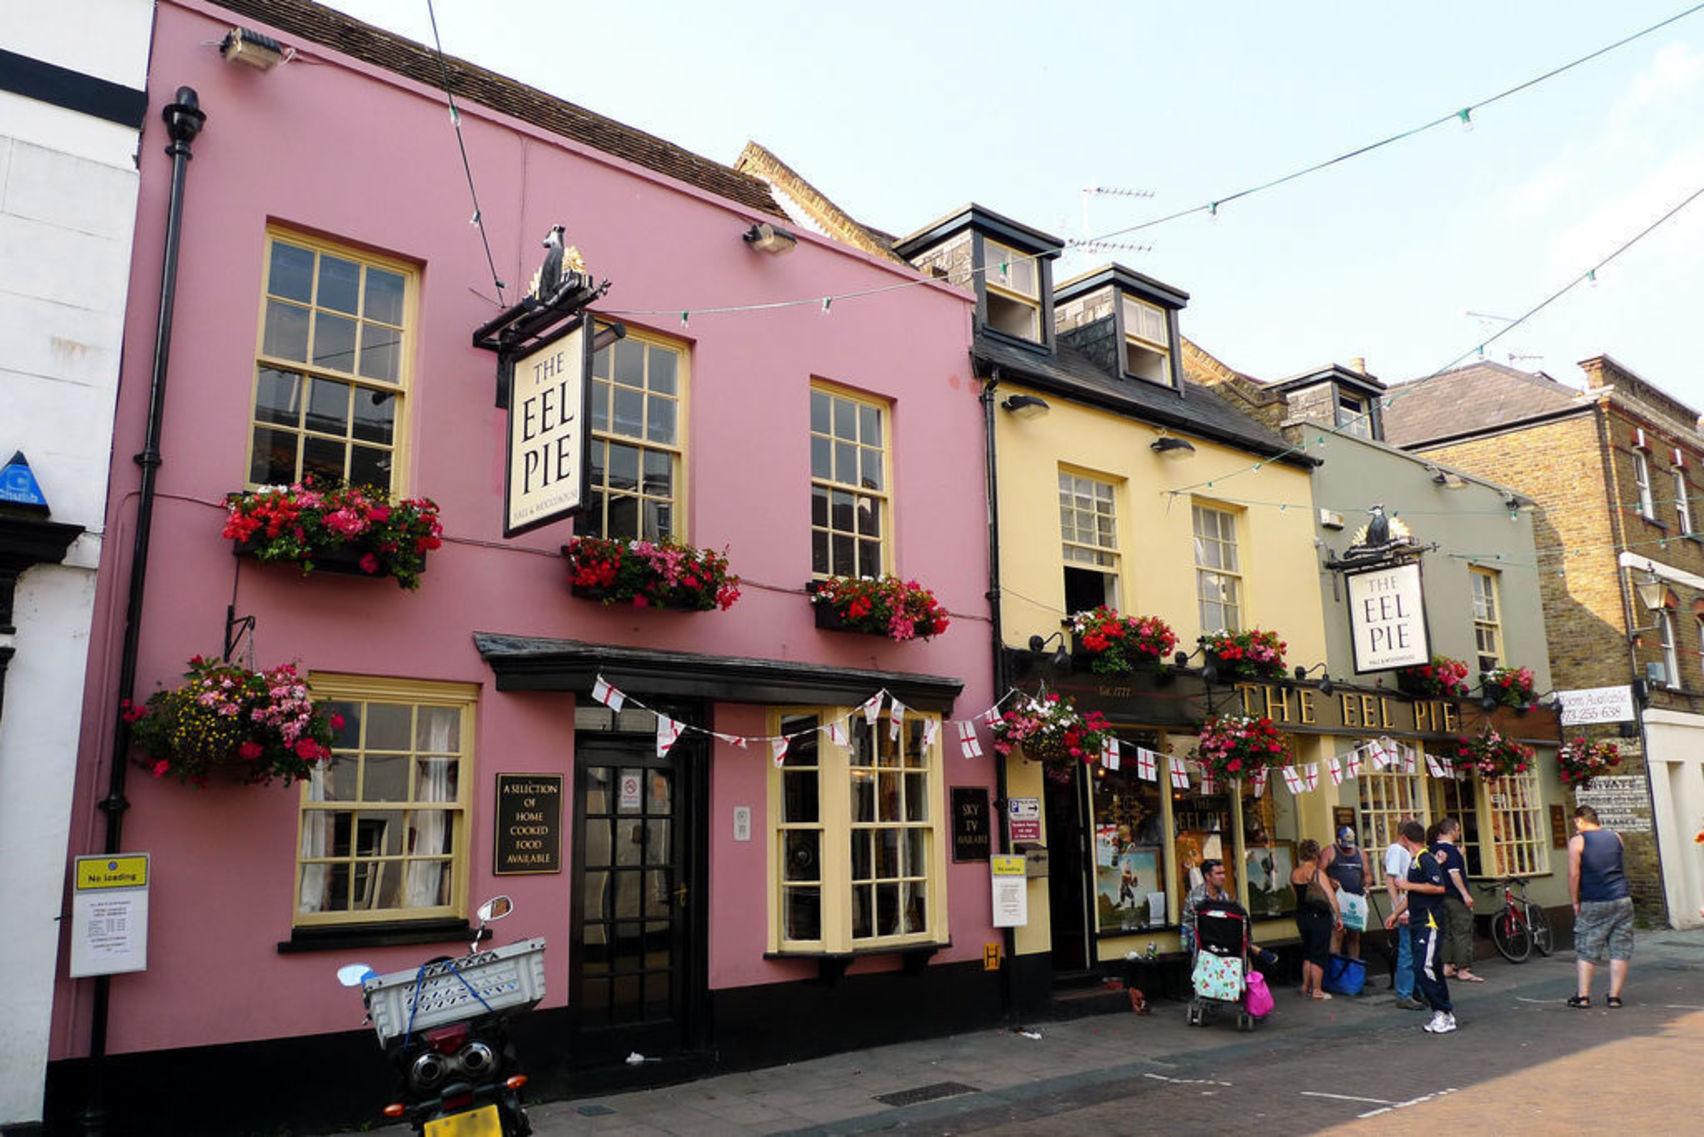 The Eel Pie Pub, The Eel Pie Pub